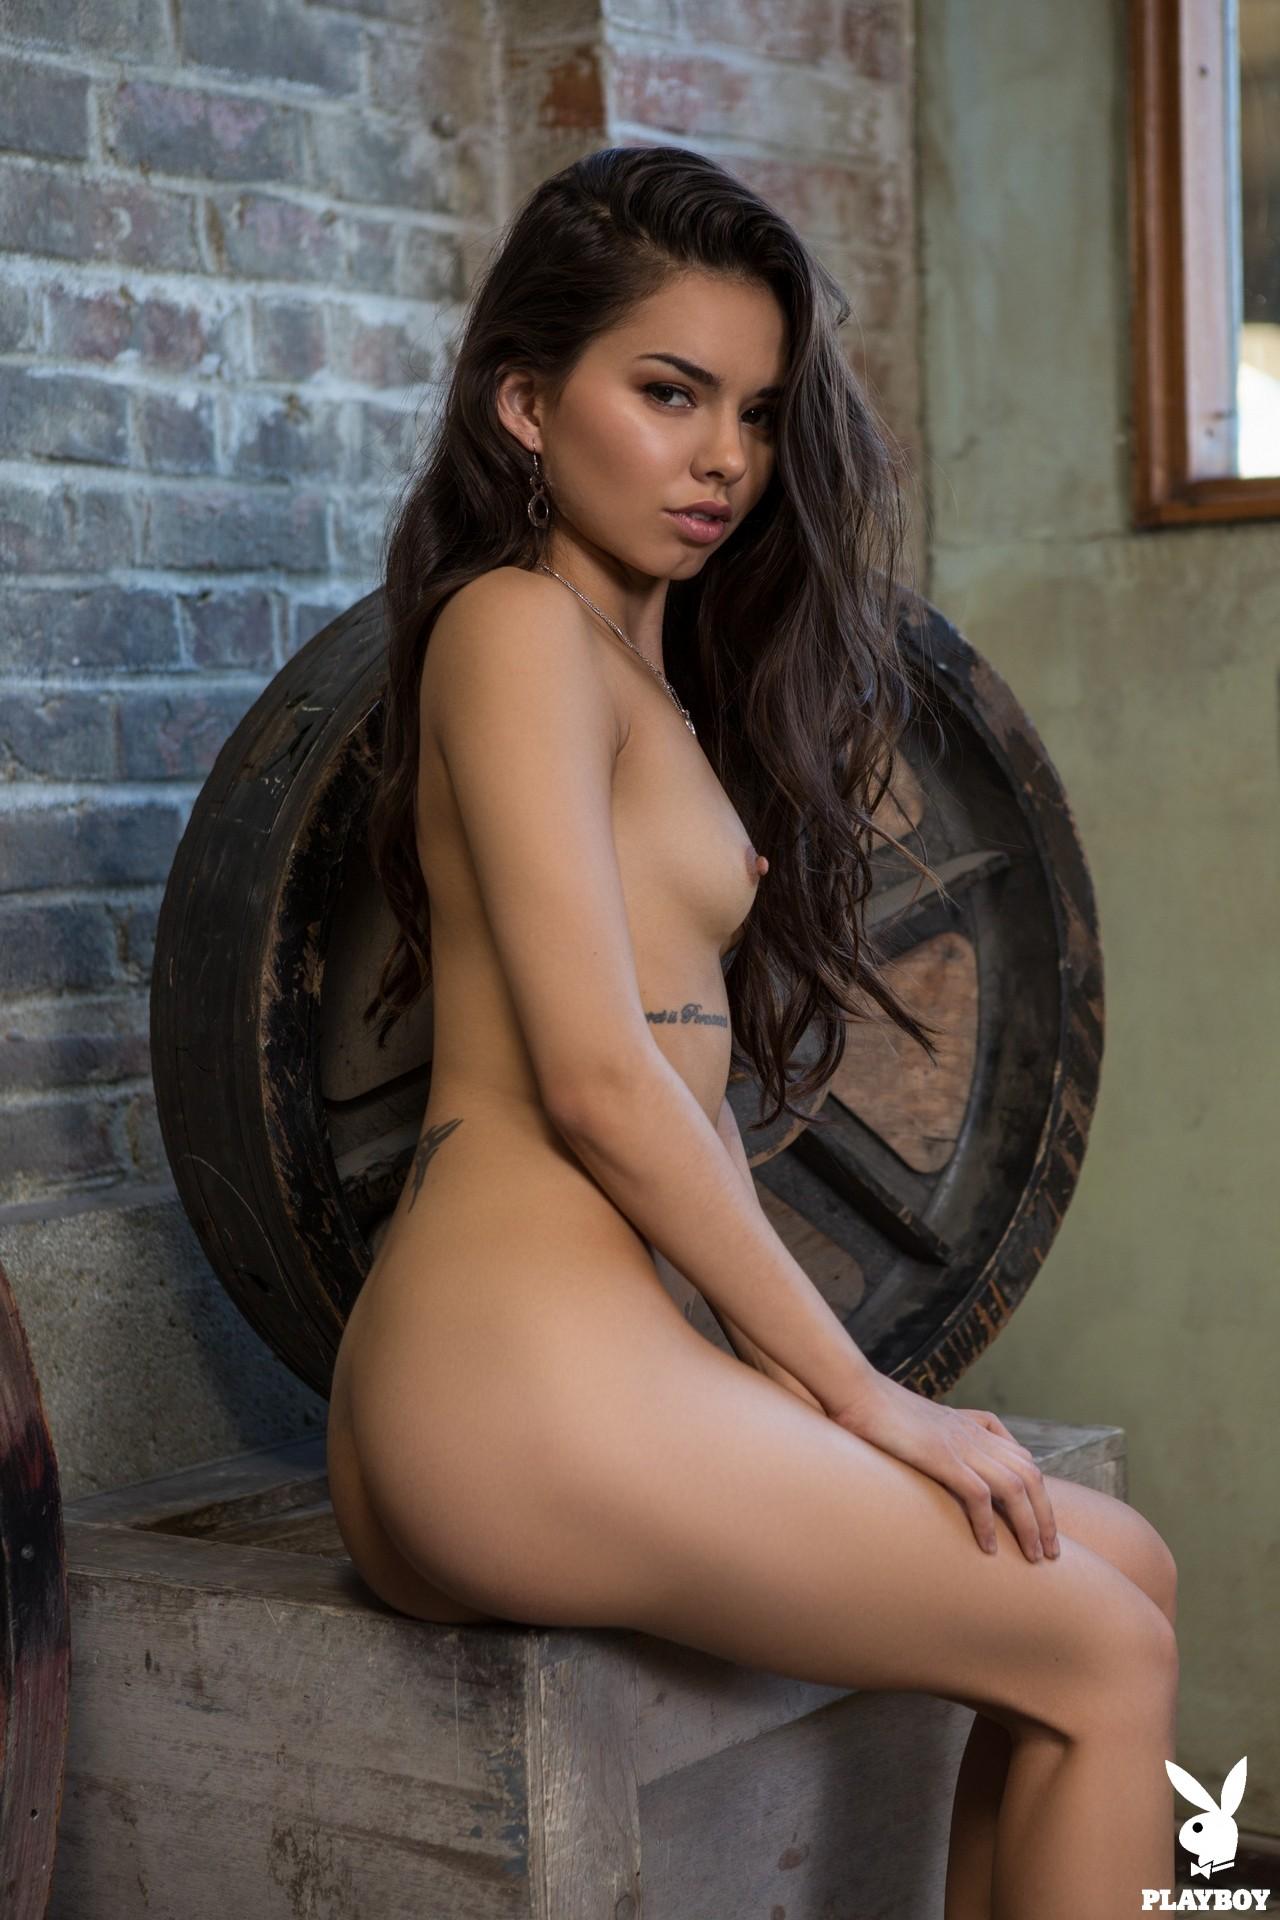 Dominique Gabrielle in Rustic Seduction - Playboy Plus 38